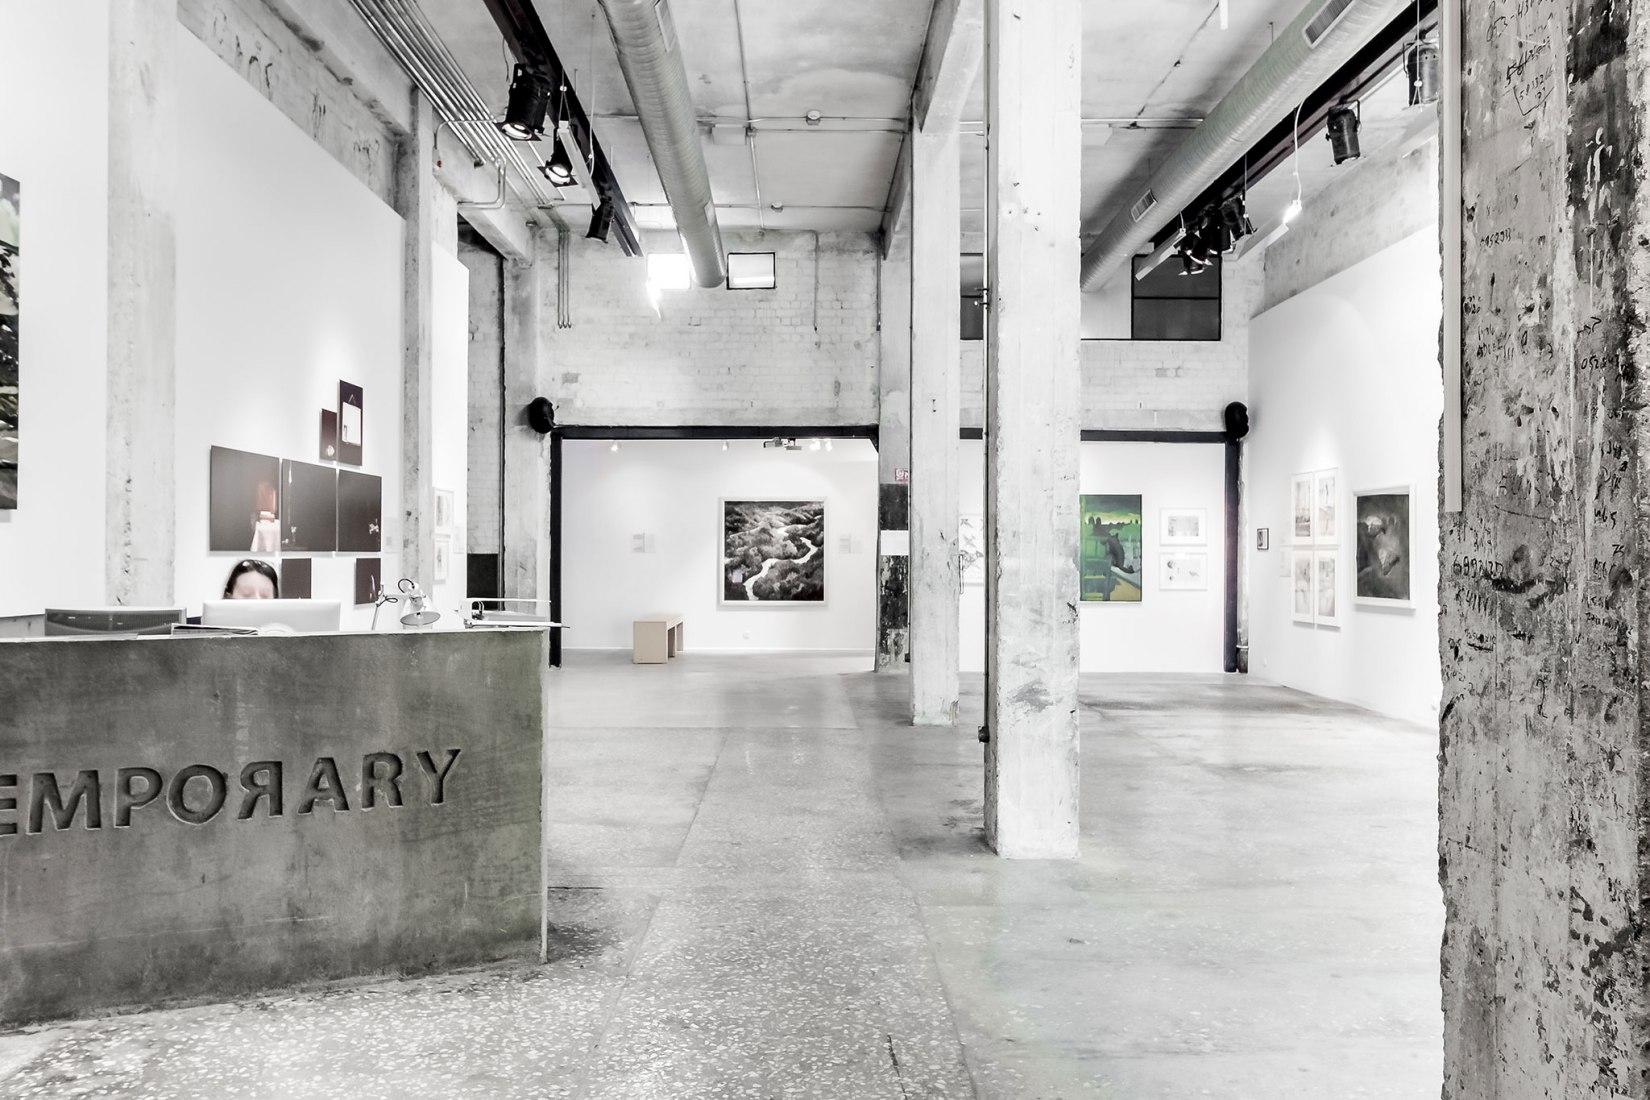 Contemporary, galería de arte por A.Lerman Architects. Fotografía por Richard Jochum